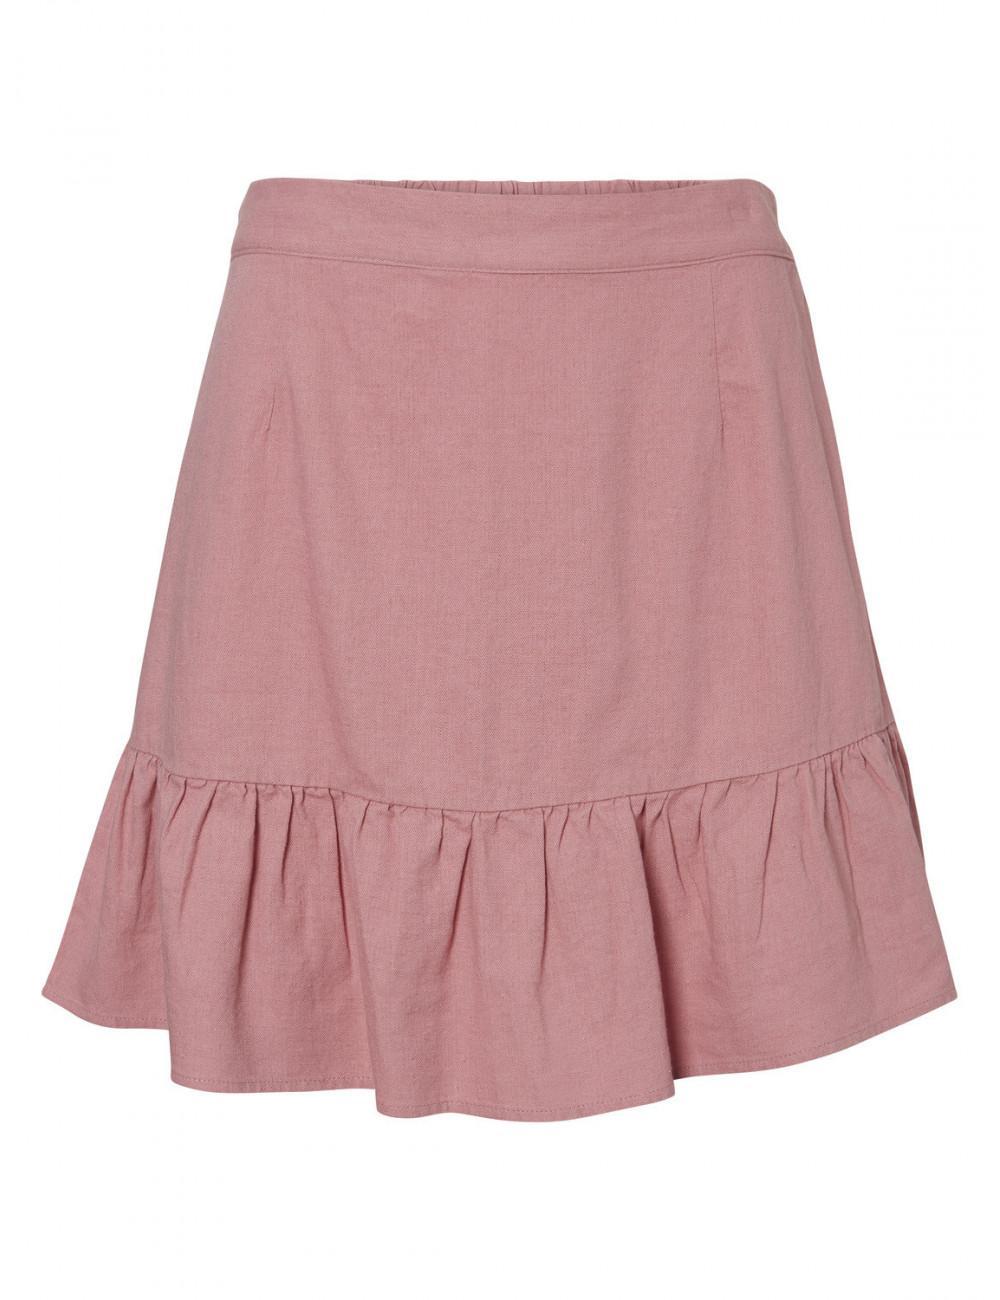 Falda rosa con volante